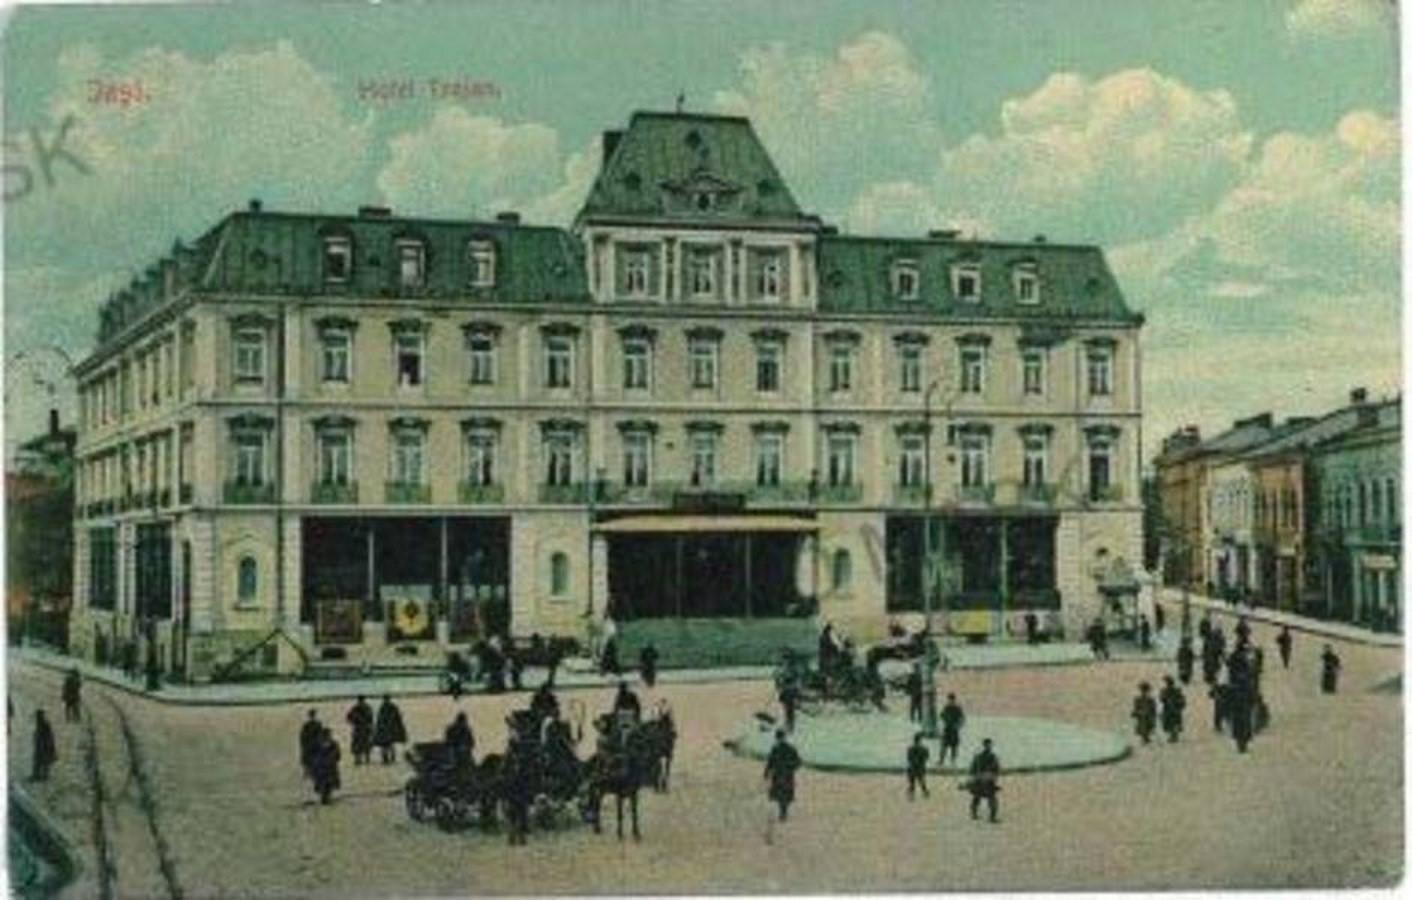 Grand Hotel Traian - 1882 - Sheet3